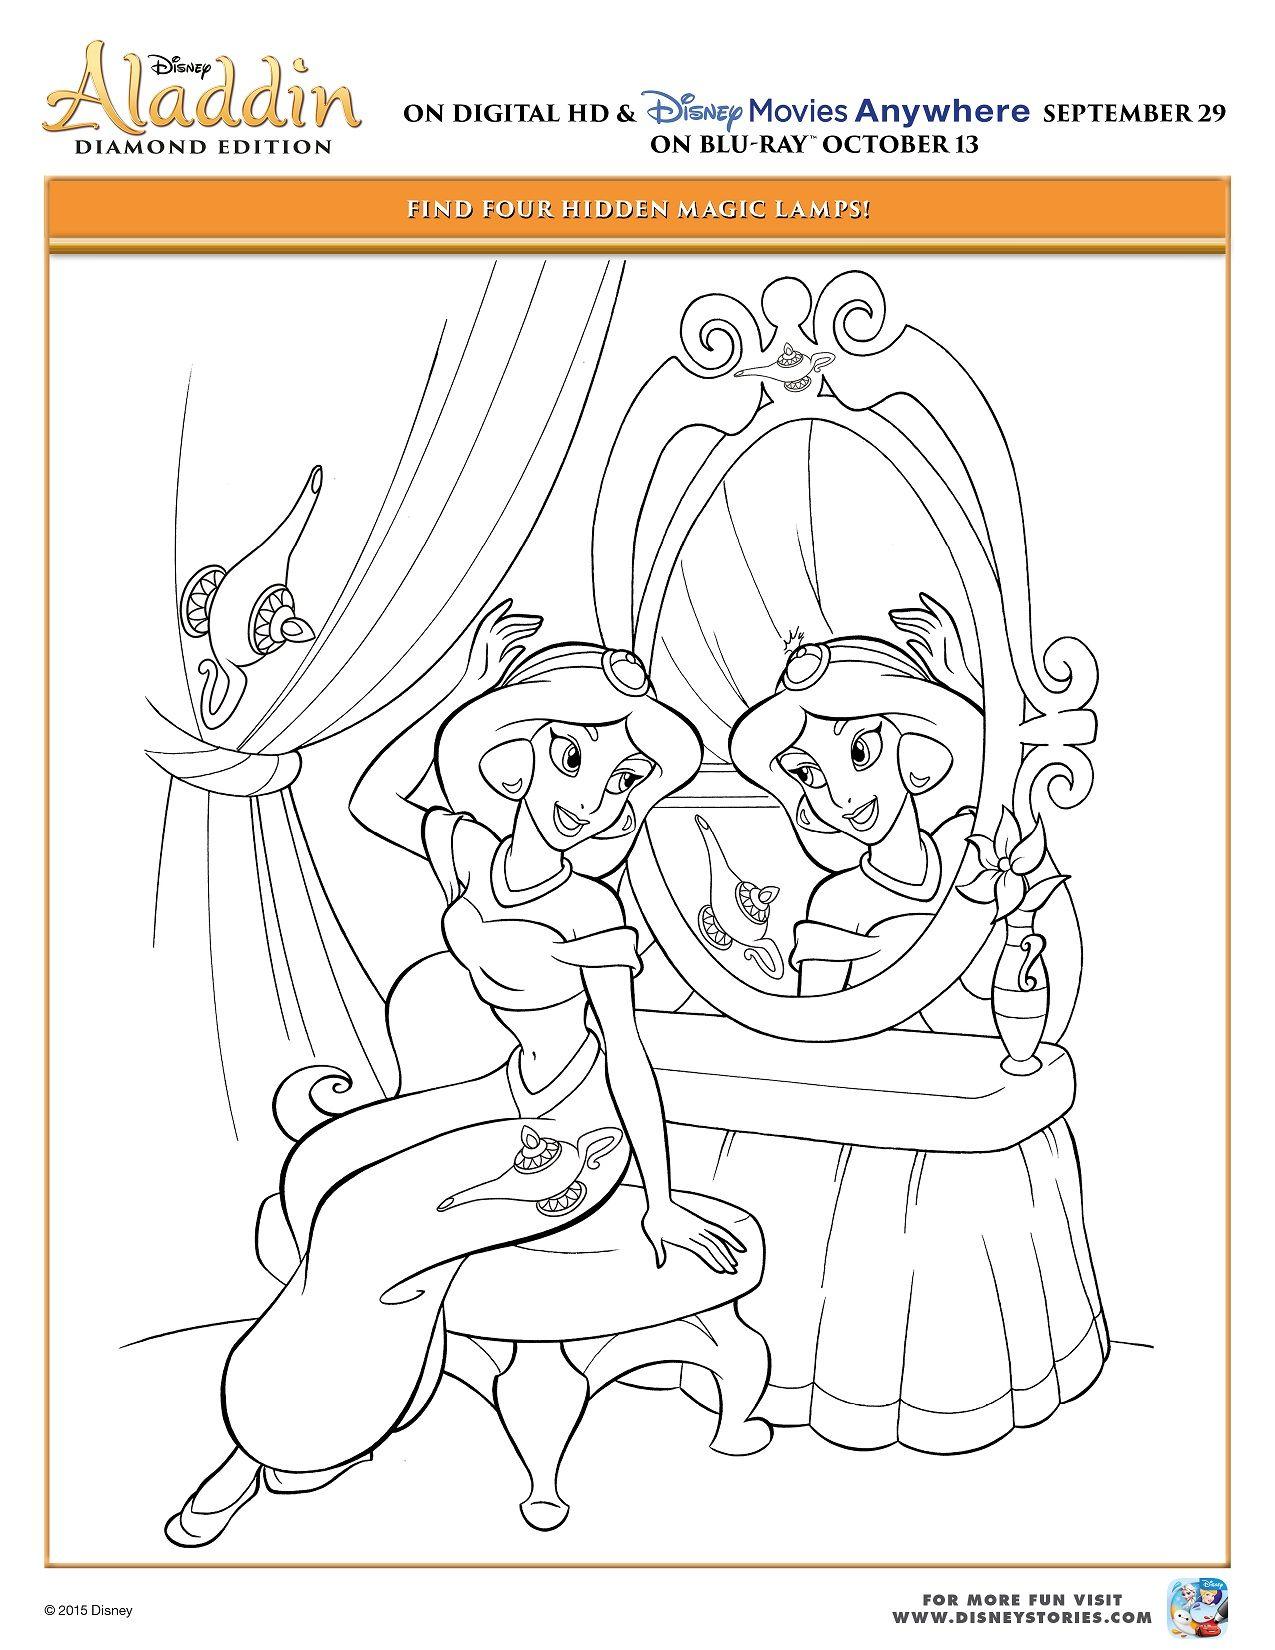 Disney S Aladdin Princess Jasmine Printable Coloring Pages Disney Coloring Pages Princess Coloring Pages Coloring Pages